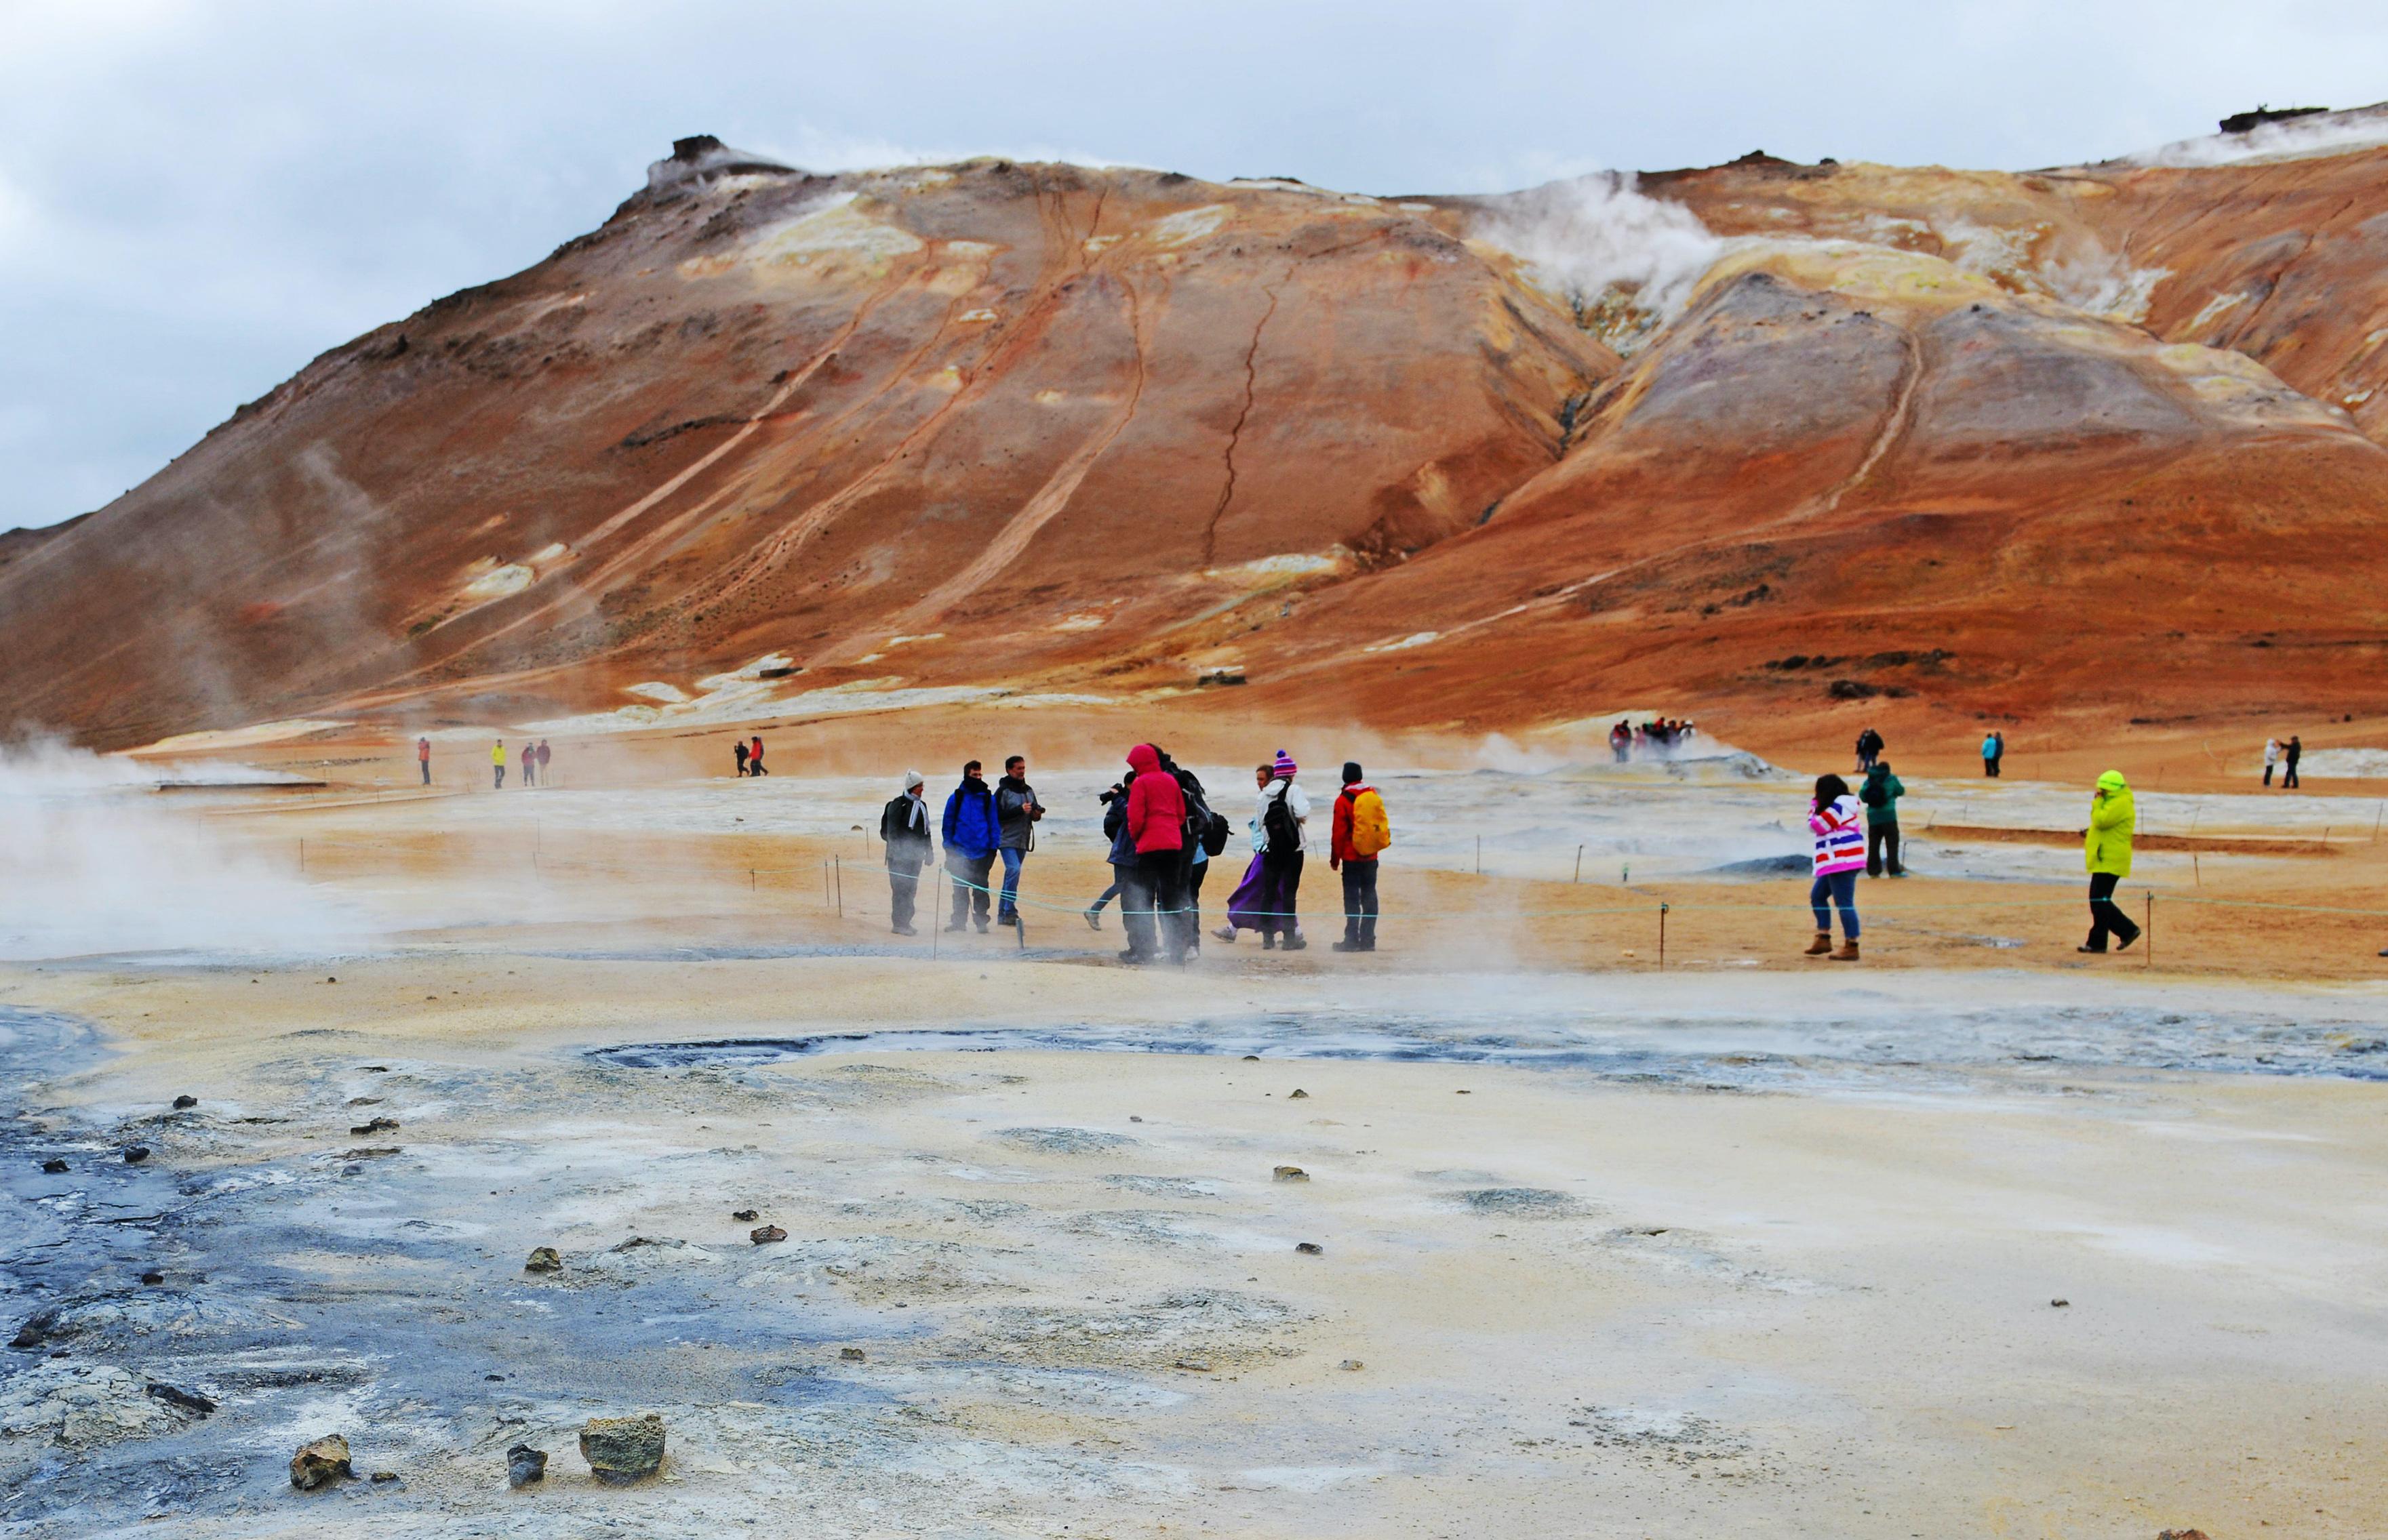 冰島最刺激的旅行體驗,徒步100度的地熱泥漿區,遊客:嚇得冒汗